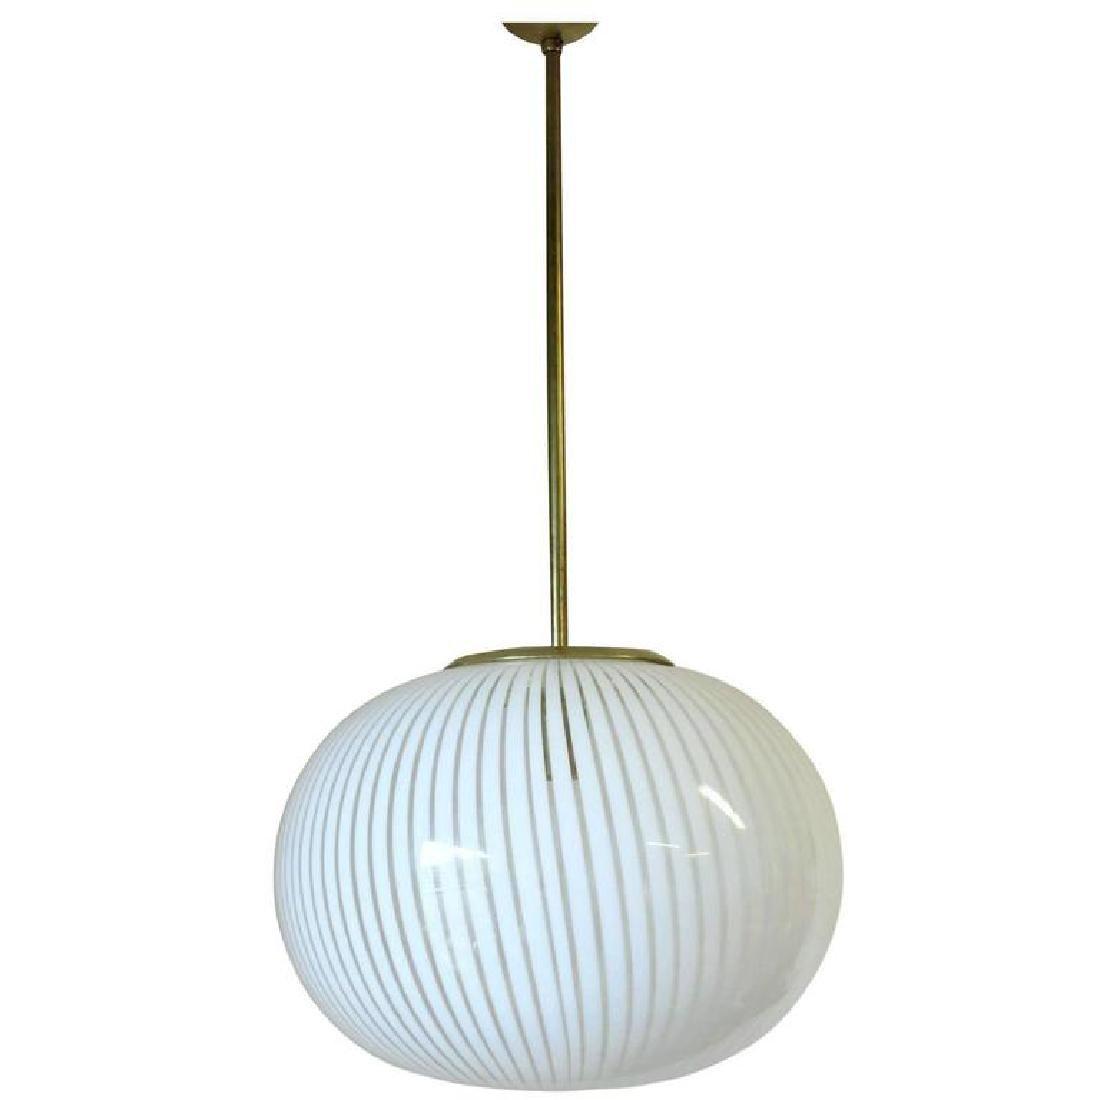 Italian Murano Glass Pendant by Venini